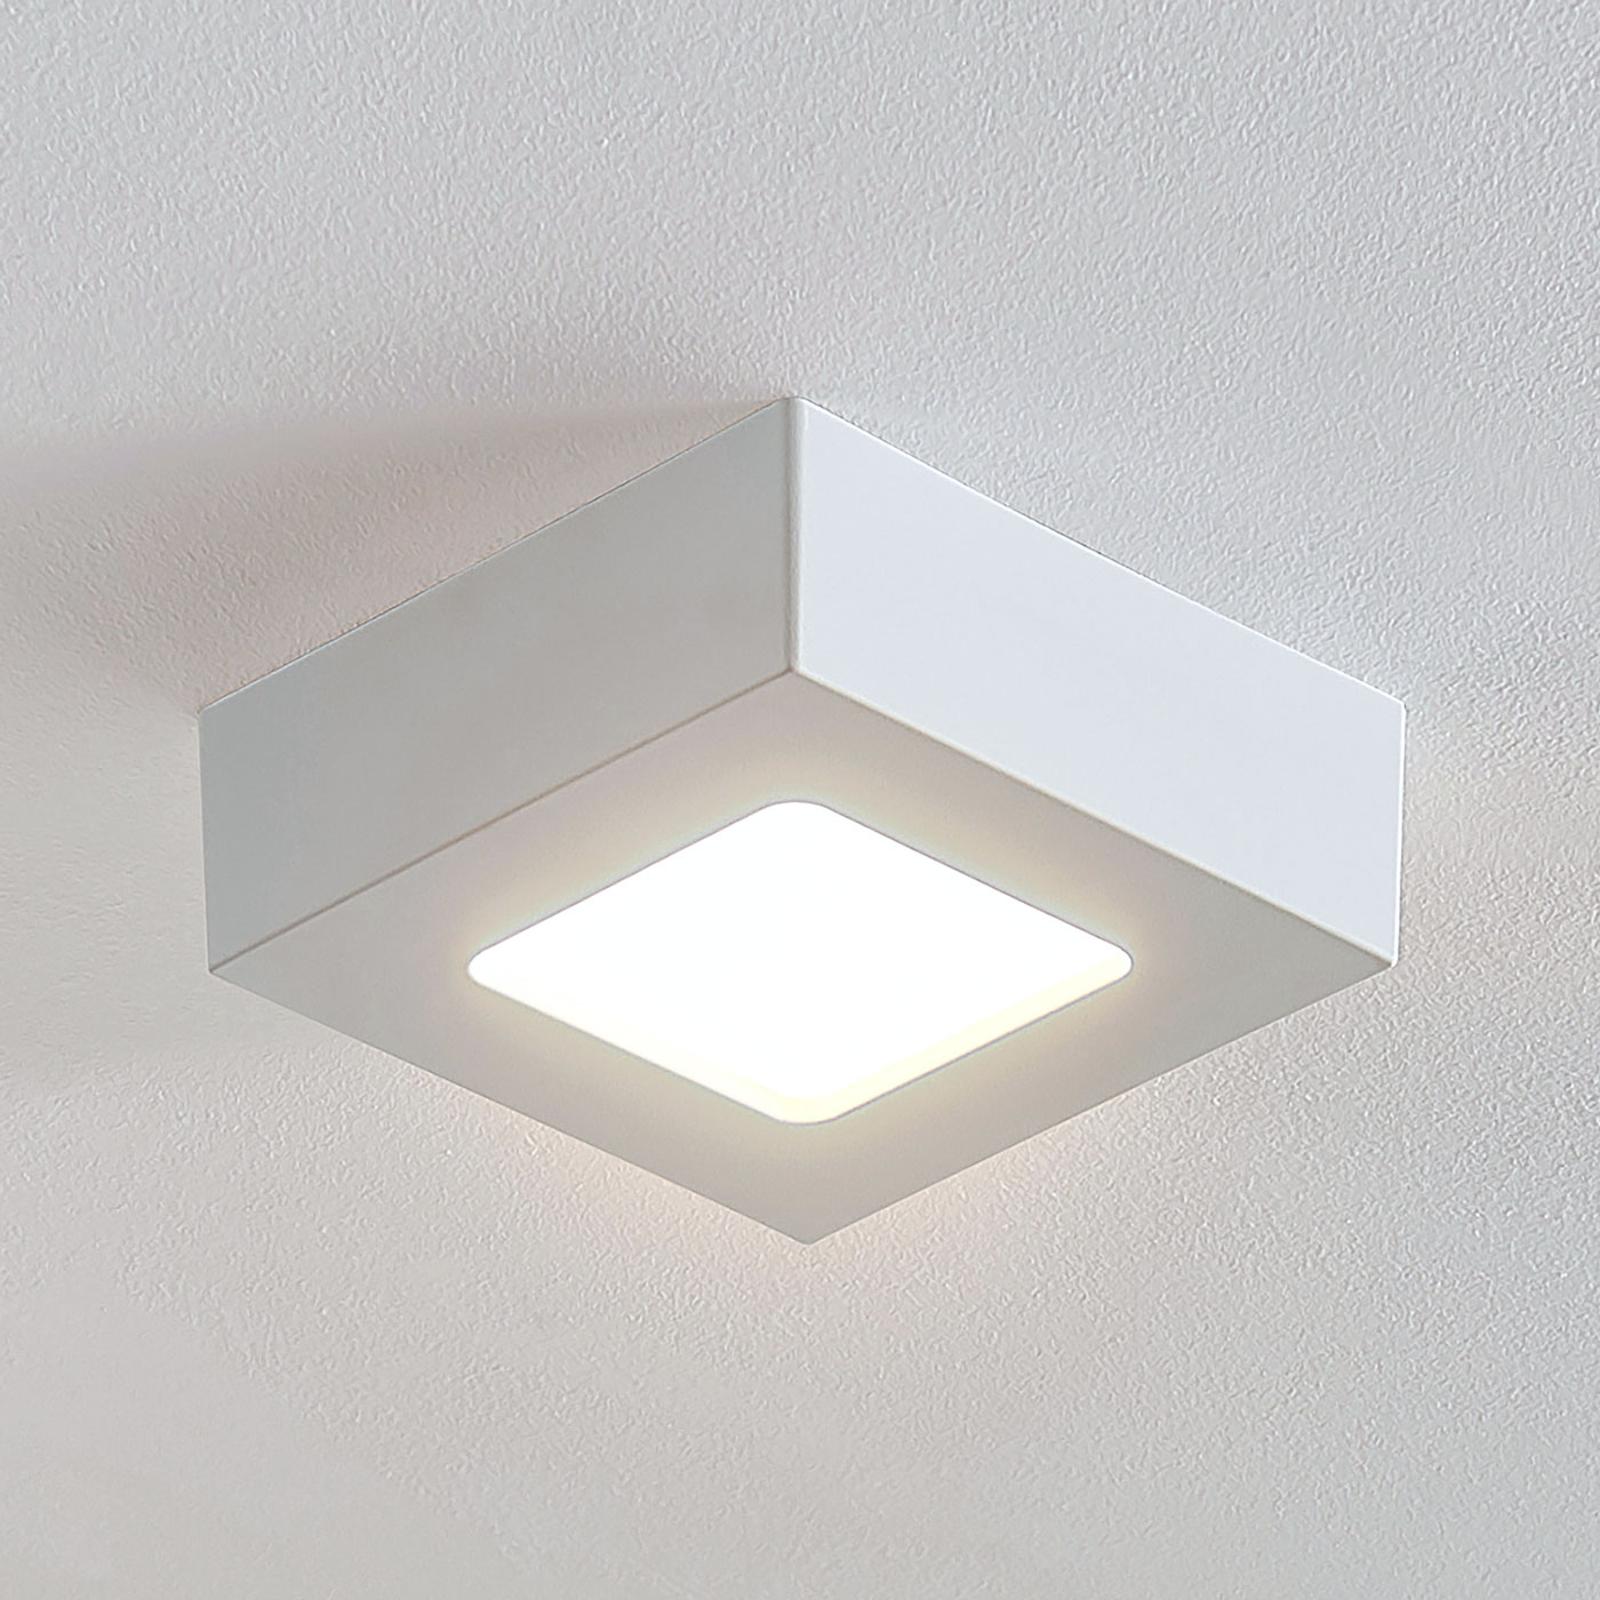 LED stropní svítidlo Marlo 3000K hranaté 12,8 cm